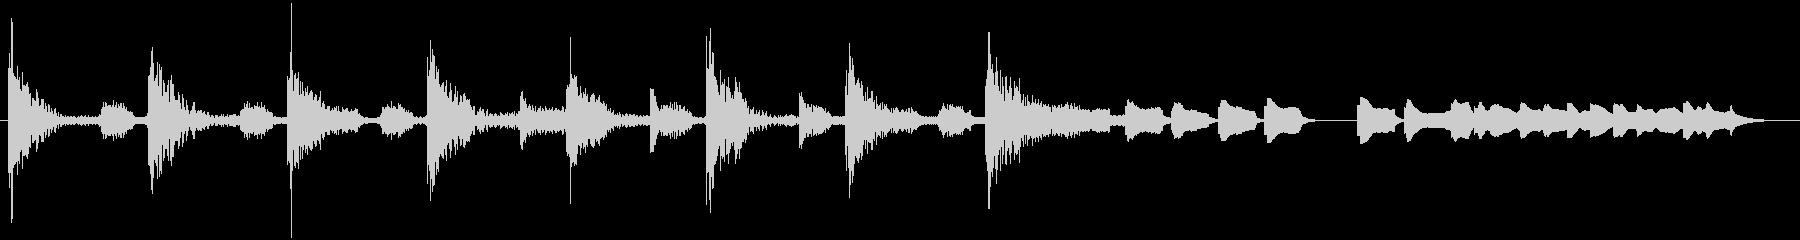 ブンチャブンチャ~テレレテッテレ 1 暗の未再生の波形